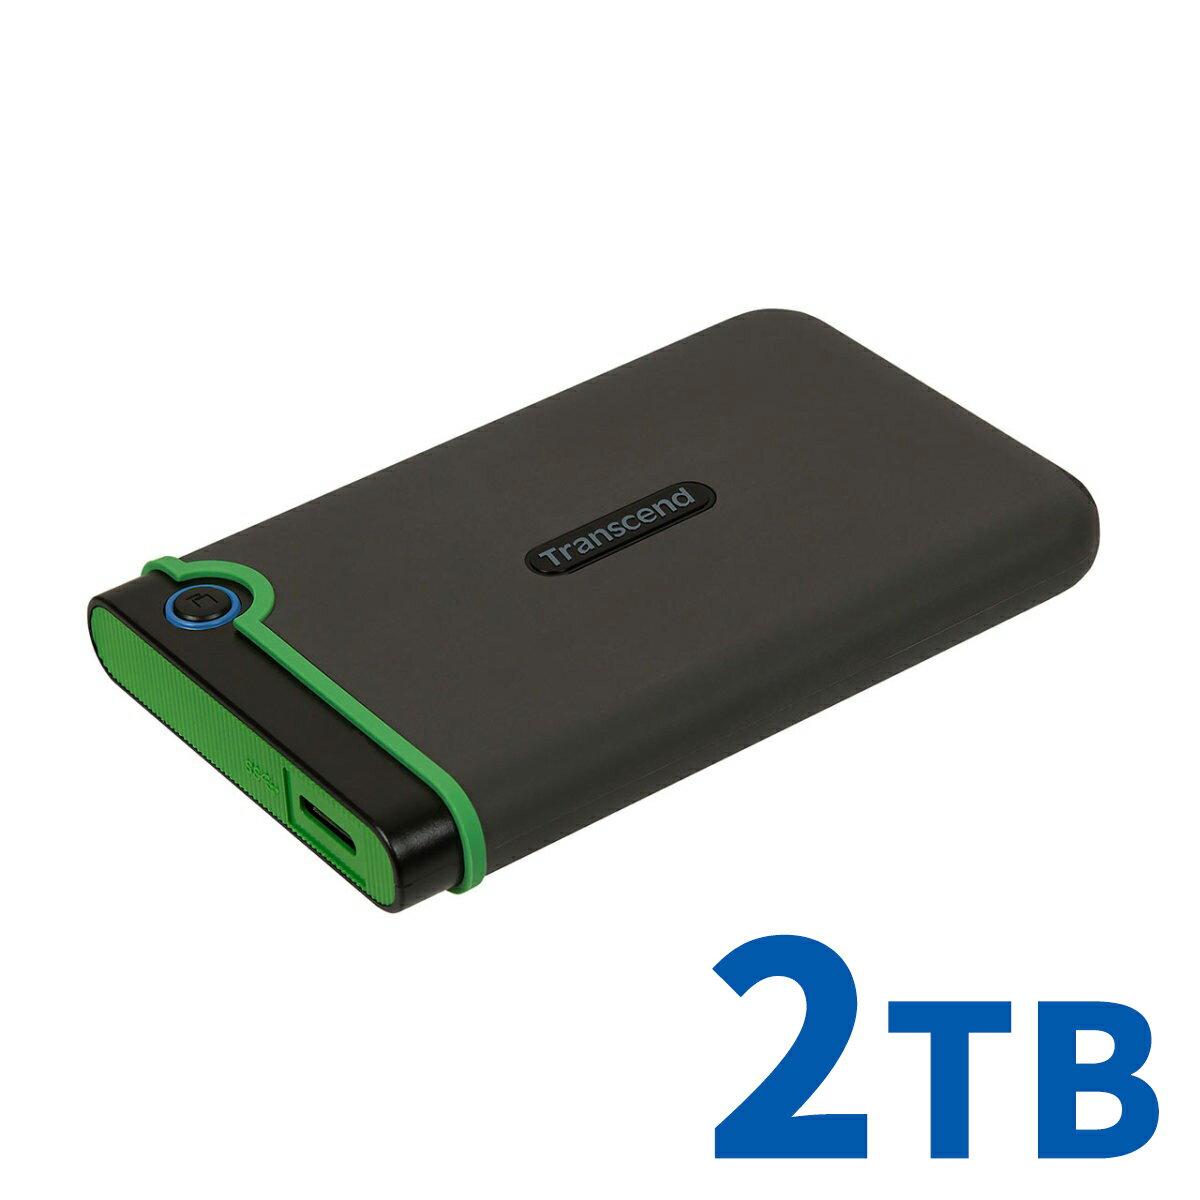 【1月17日値下げしました】Transcend ポータブルHDD 2TB USB3.1 2.5インチ スリムポータブルHDD 耐衝撃 3年保証 ハードディスク 外付けHDD ポータブルハードディスク[TS2TSJ25M3S]【送料無料】